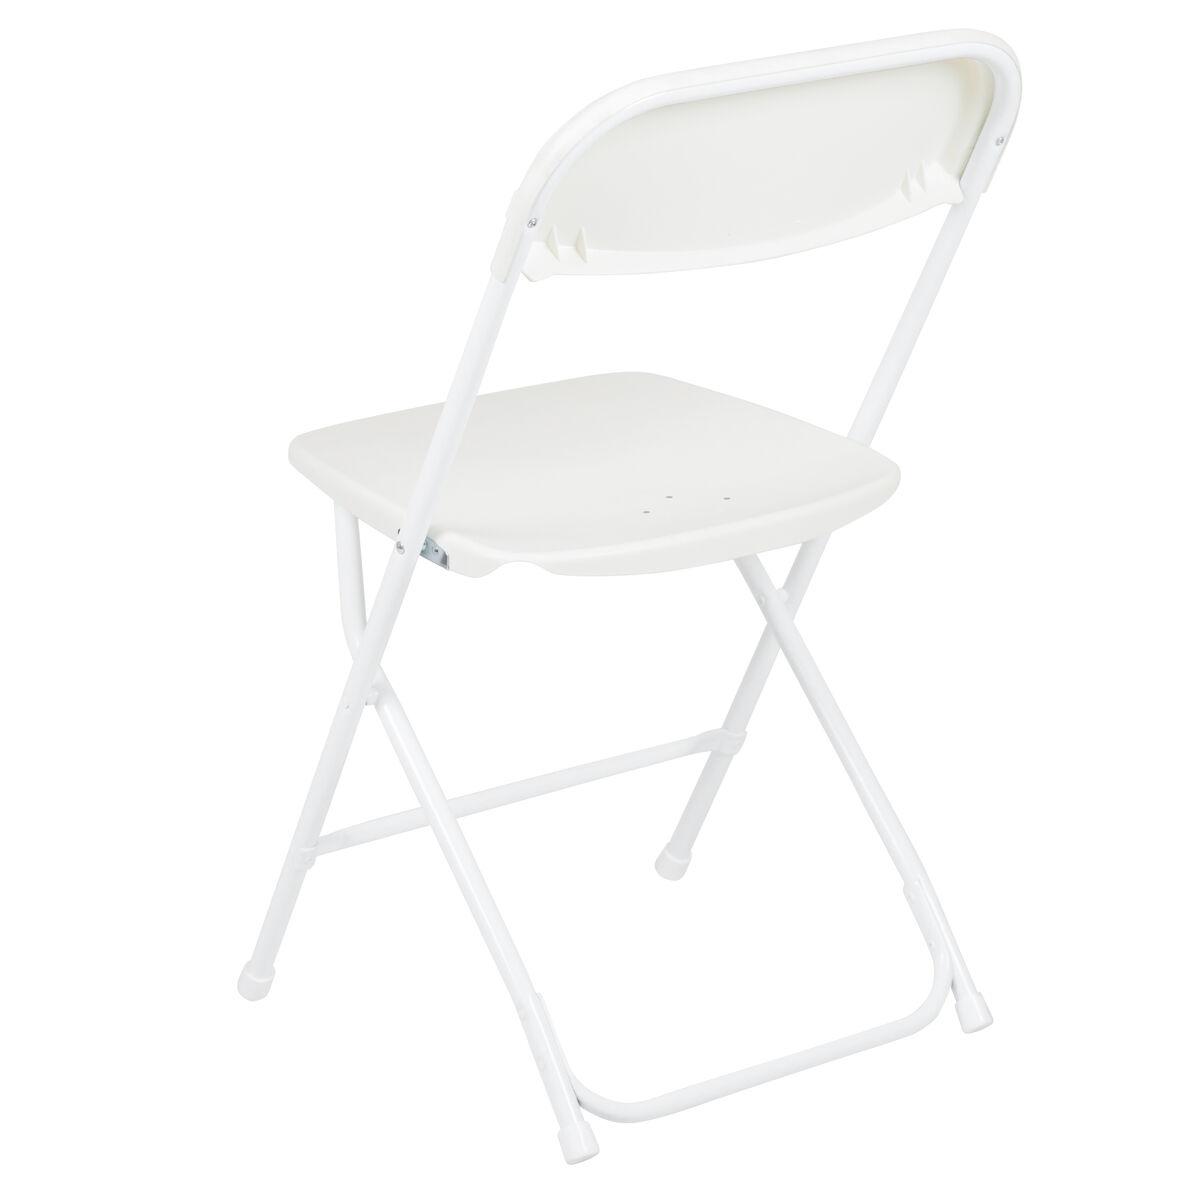 white plastic folding chair le l 3 white gg foldingchairs4less com